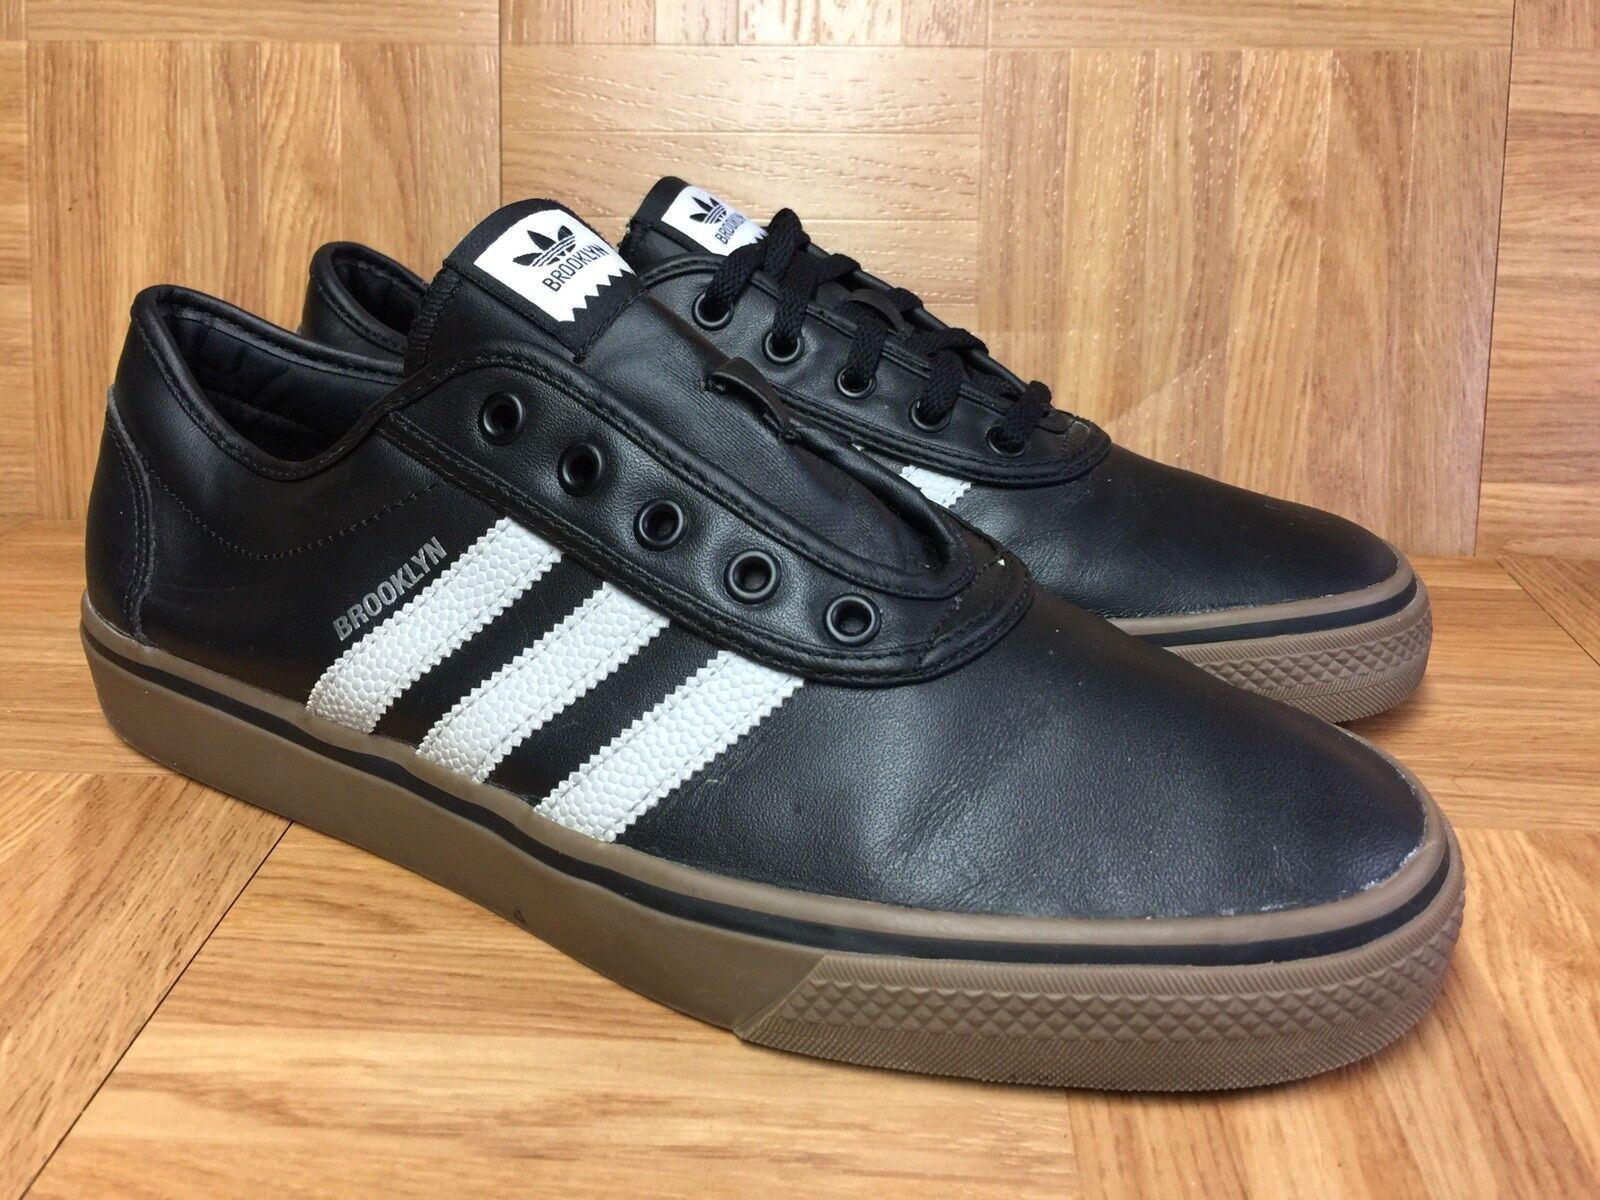 Adidas – Brooklyn Footwear x Fashion